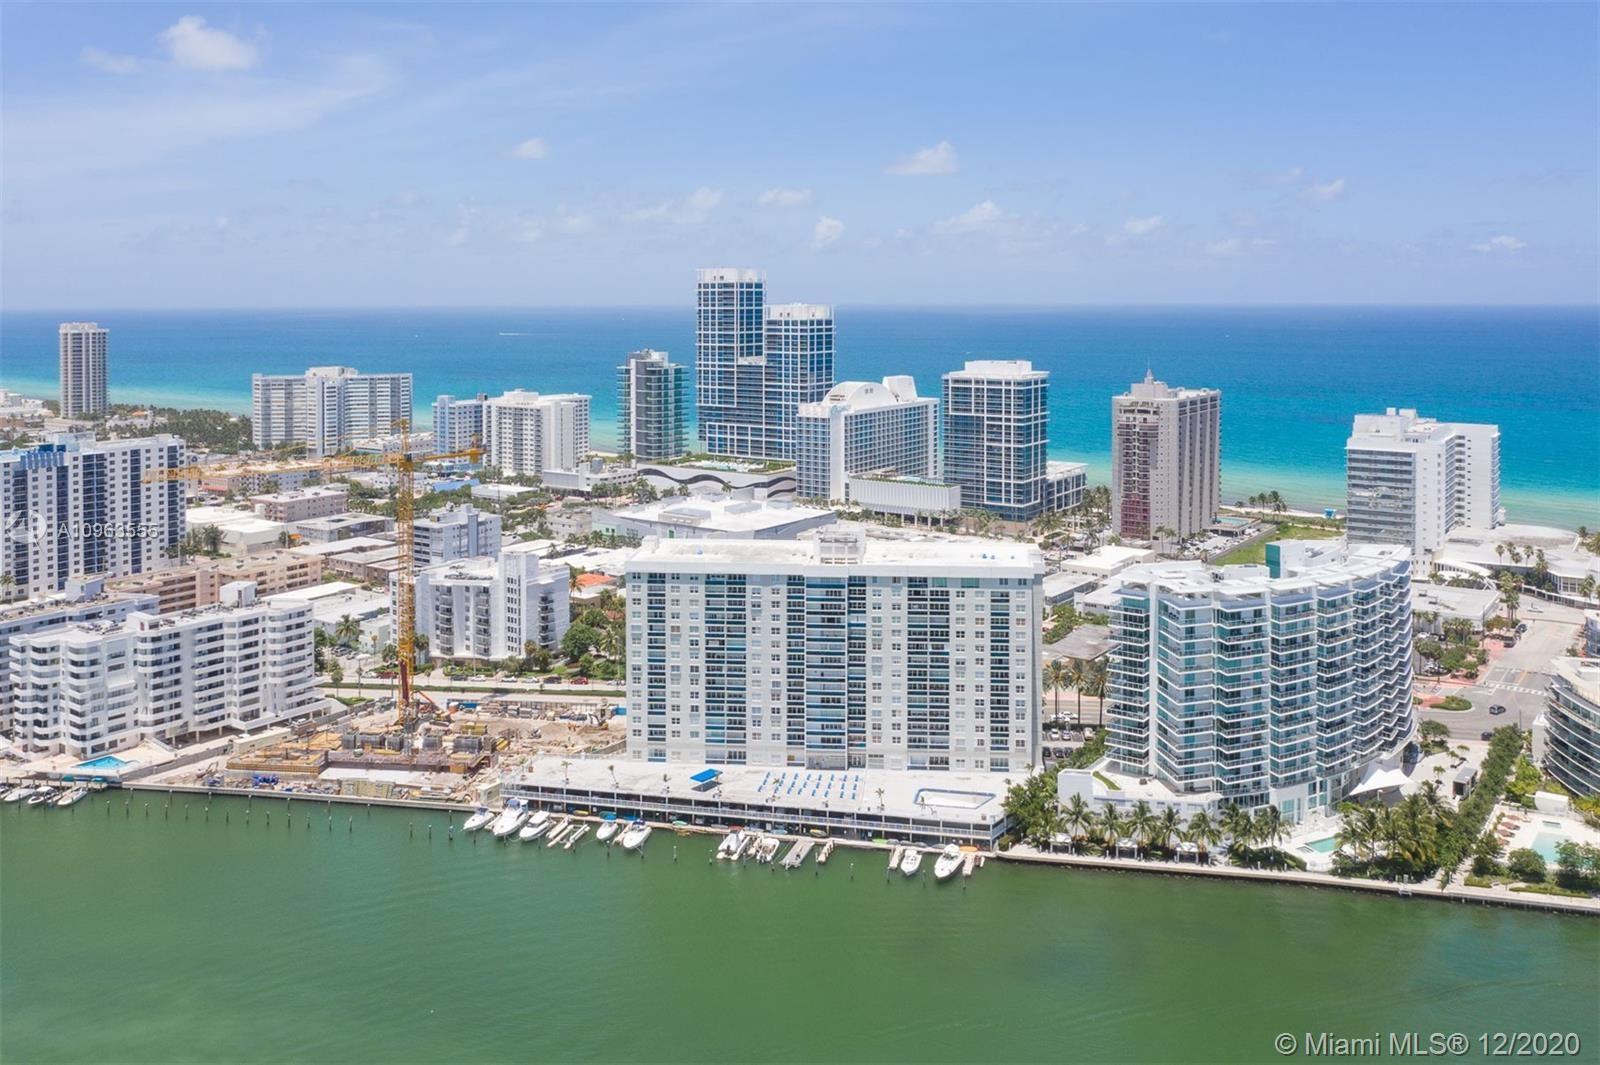 6770 Indian Creek Dr #T-F, Miami Beach, FL 33141 - #: A10963555